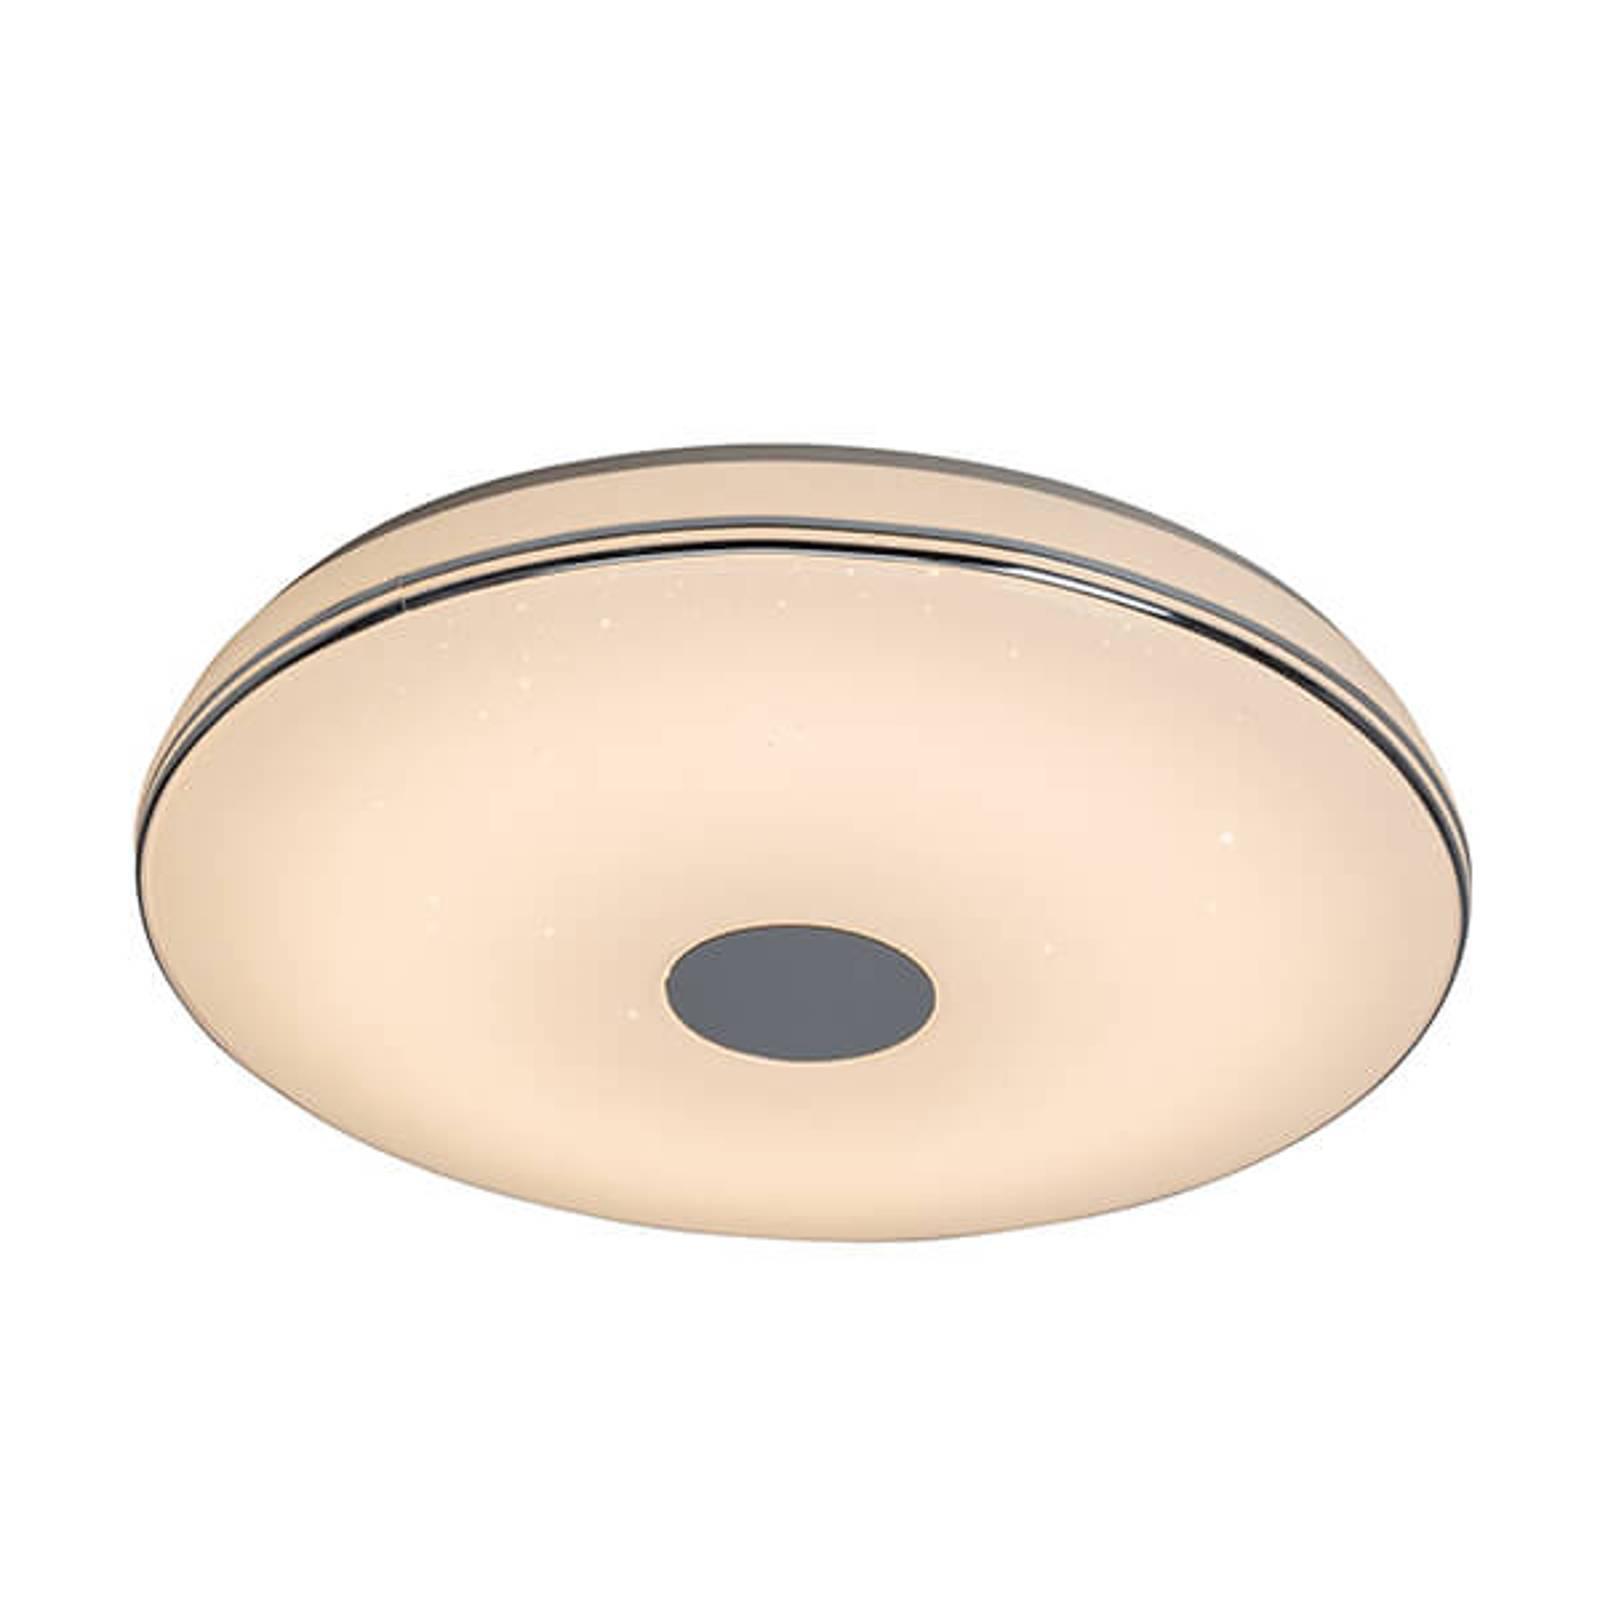 Muunneltava LED-kattolamppu Mono Deco, kaukosäätö